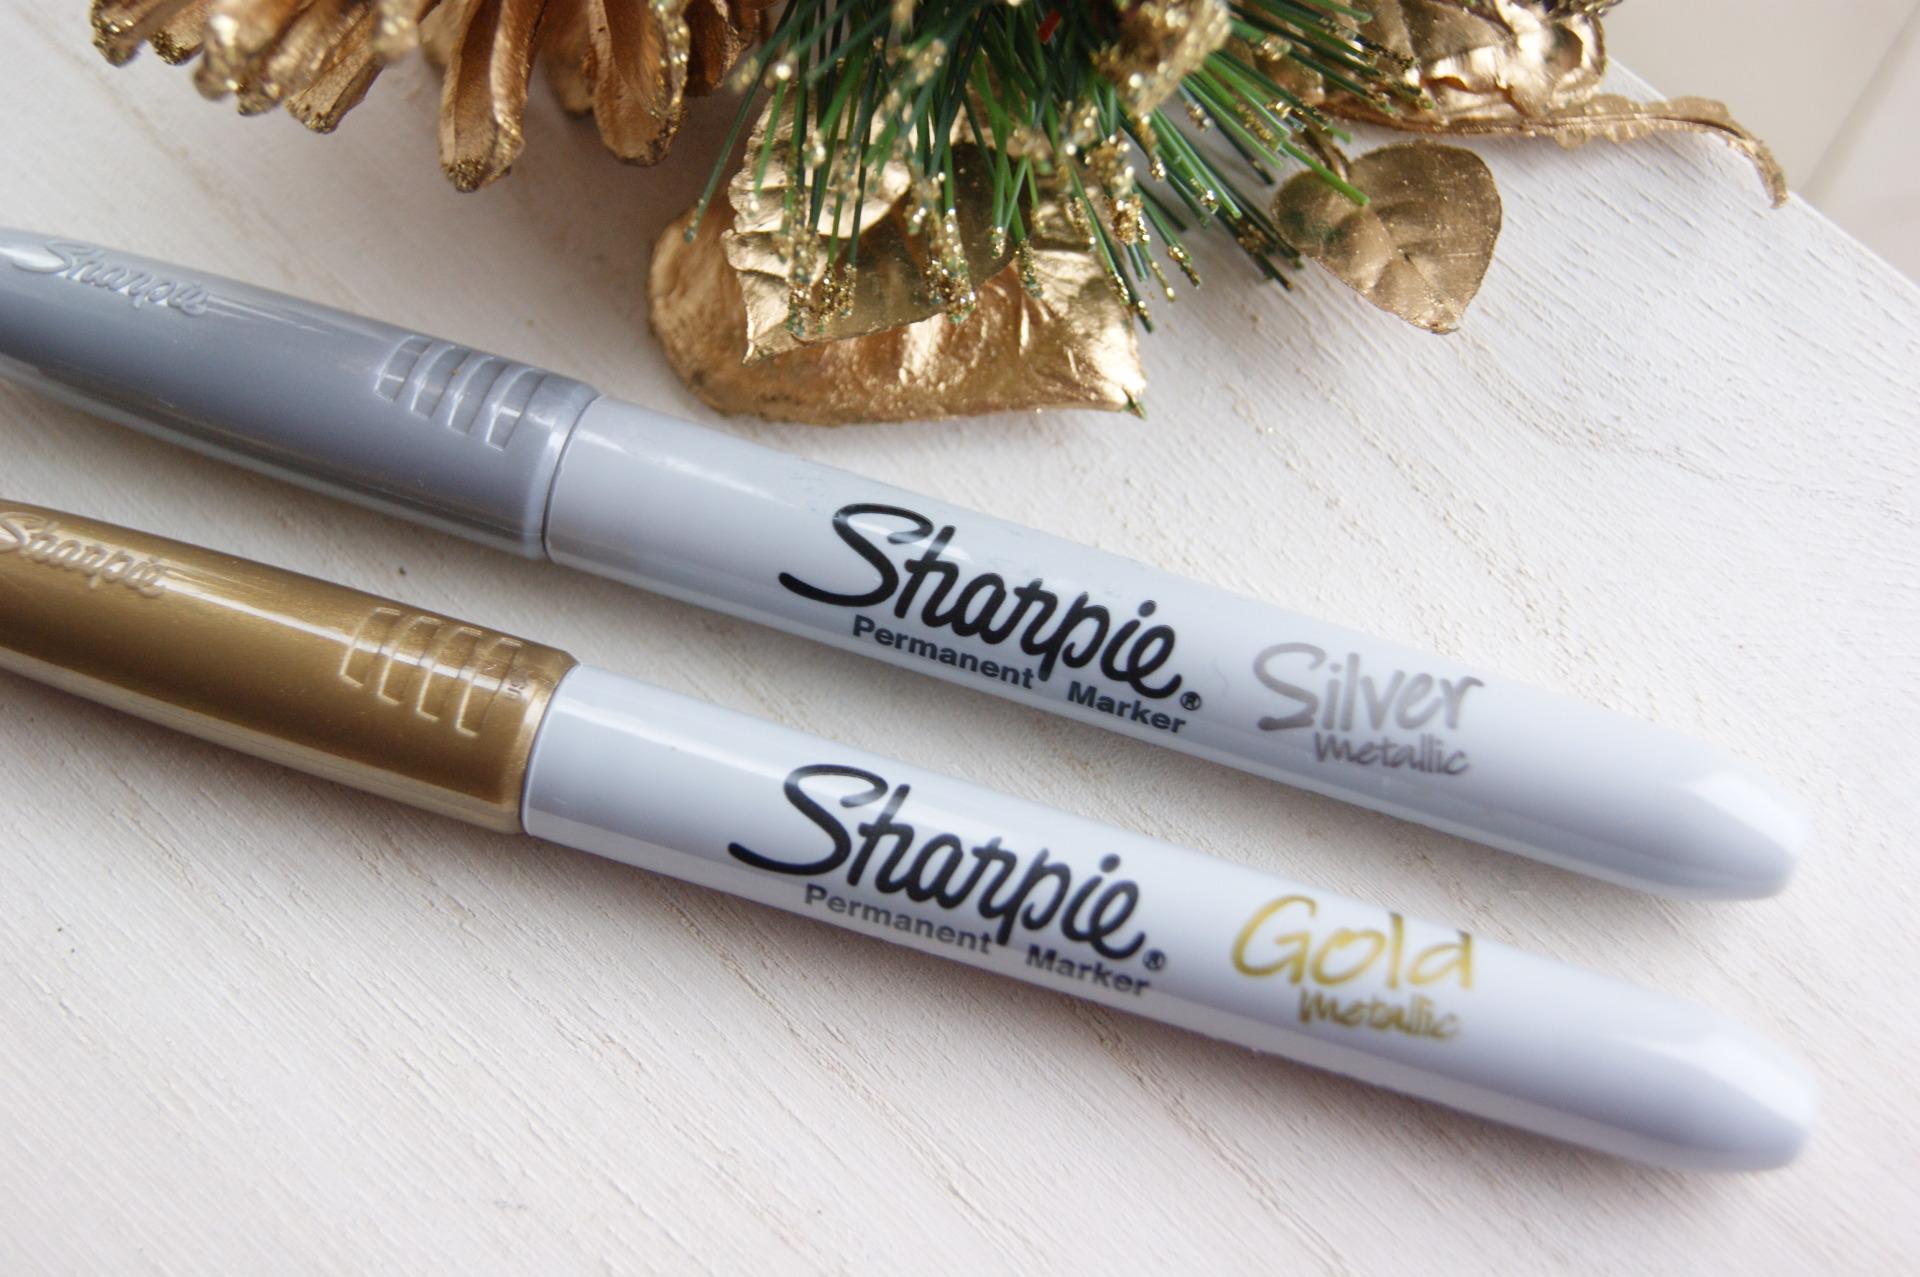 Sharpie Marker Pens Reviews